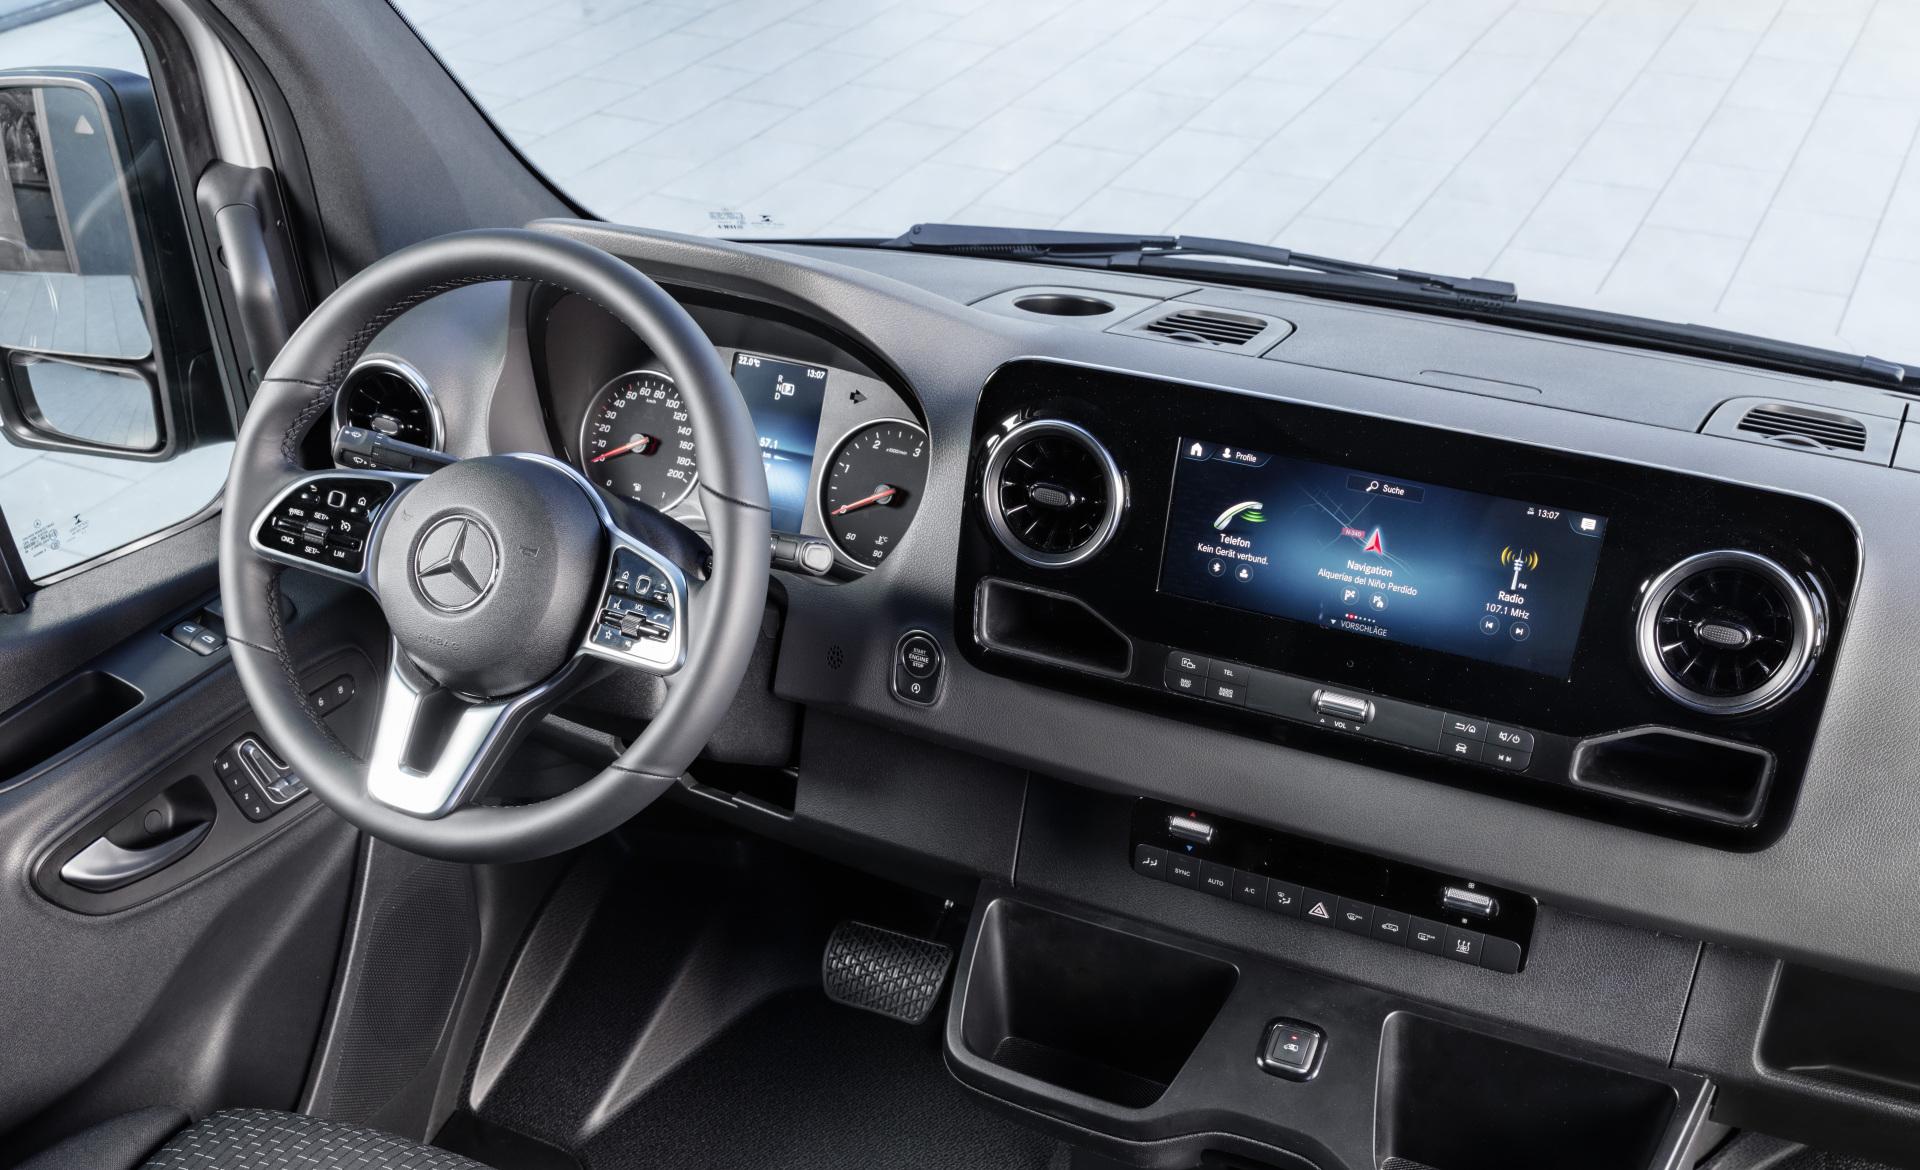 Nouveau Mercedes Sprinter 2018 Les Infos Et Photos Officielles  # Recherche Nilo A Vendre